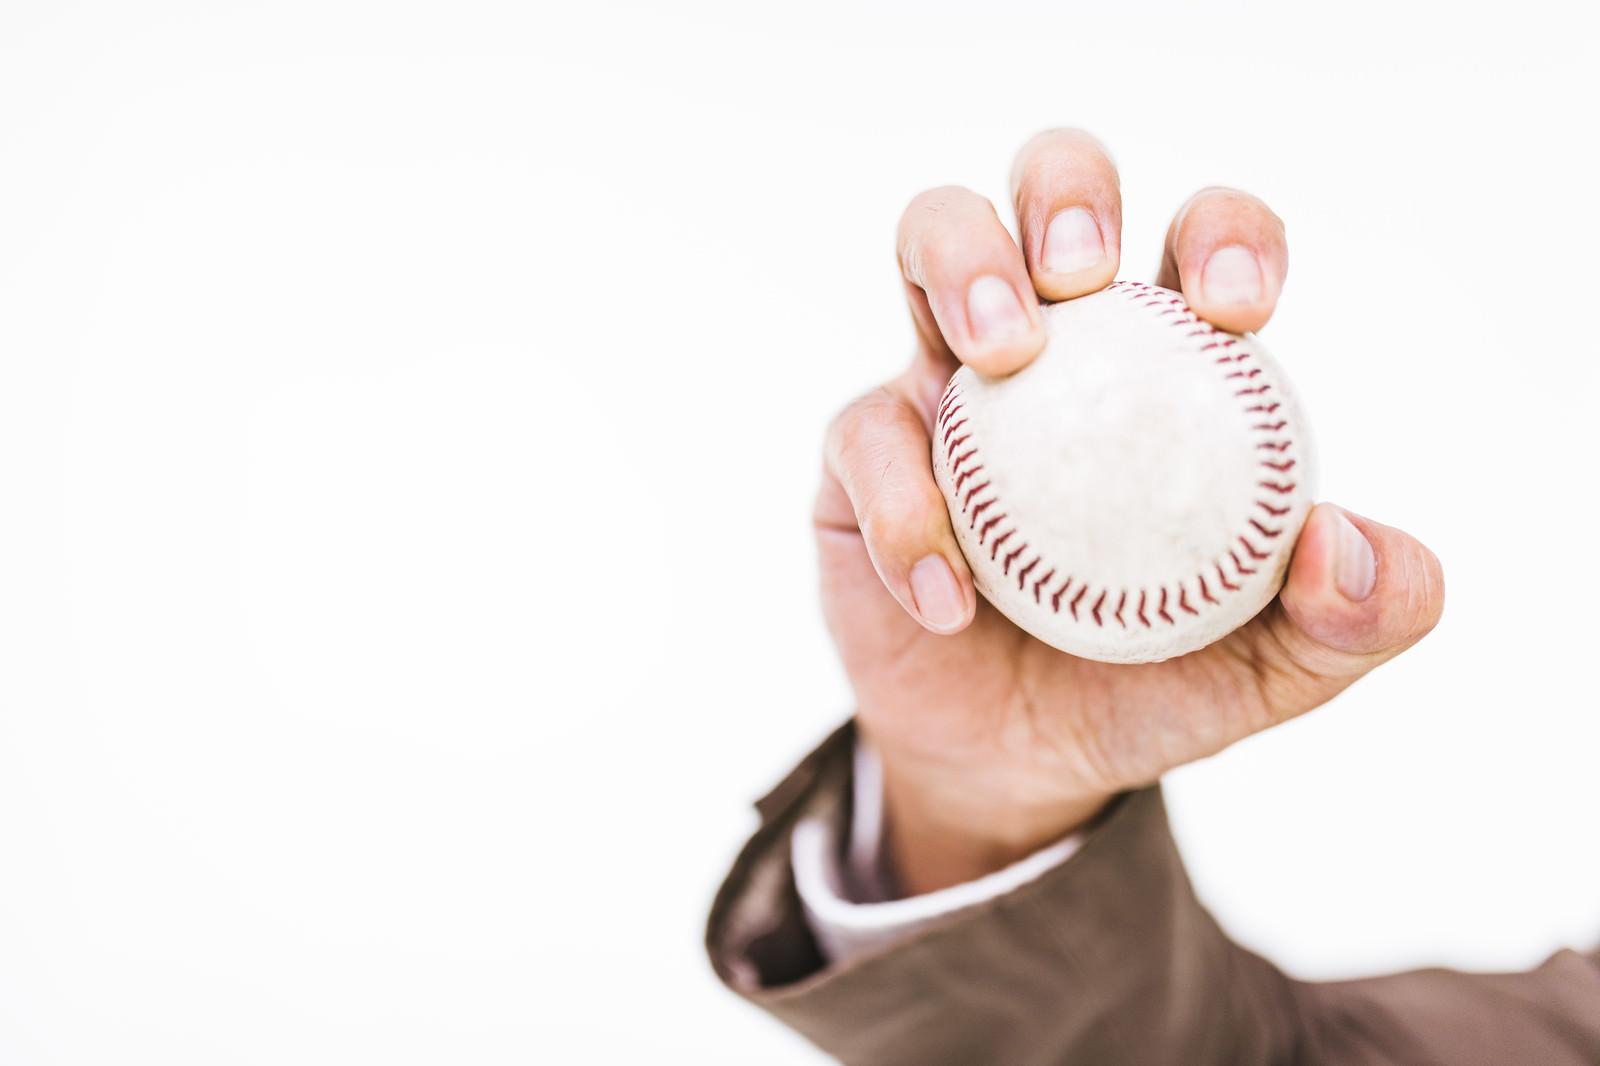 「硬球を握る手」の写真